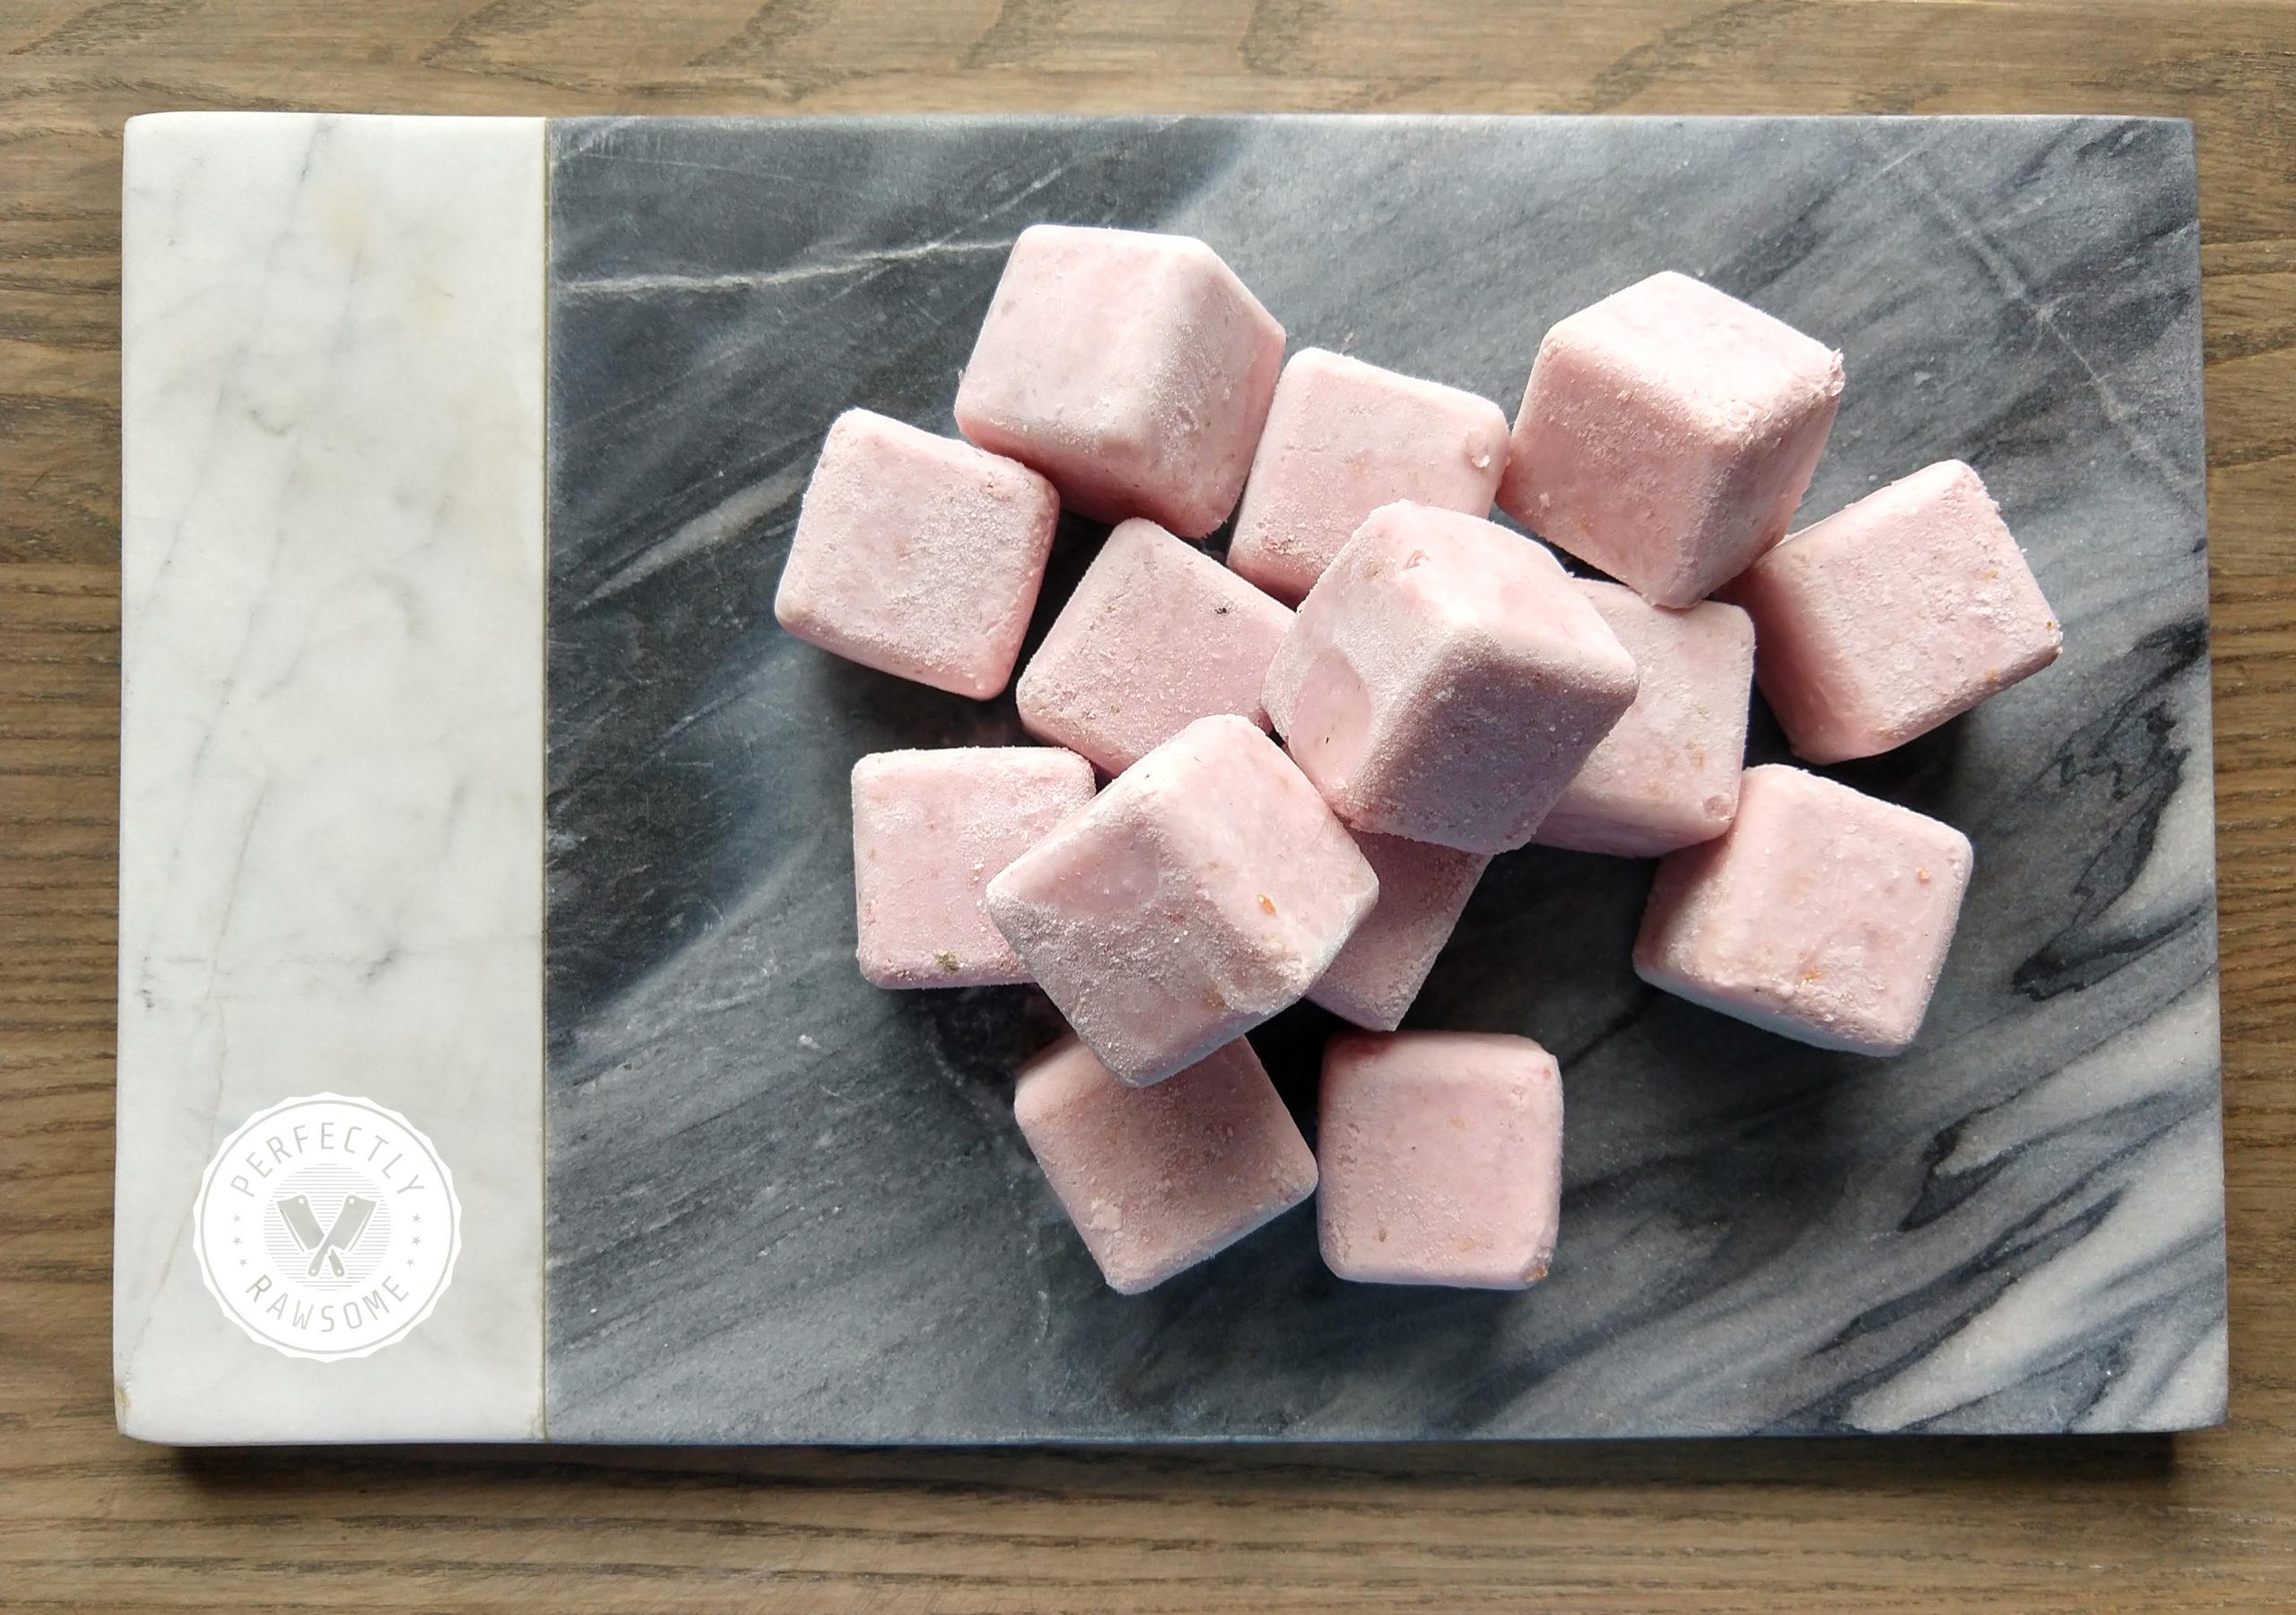 pinkelectrolytebites